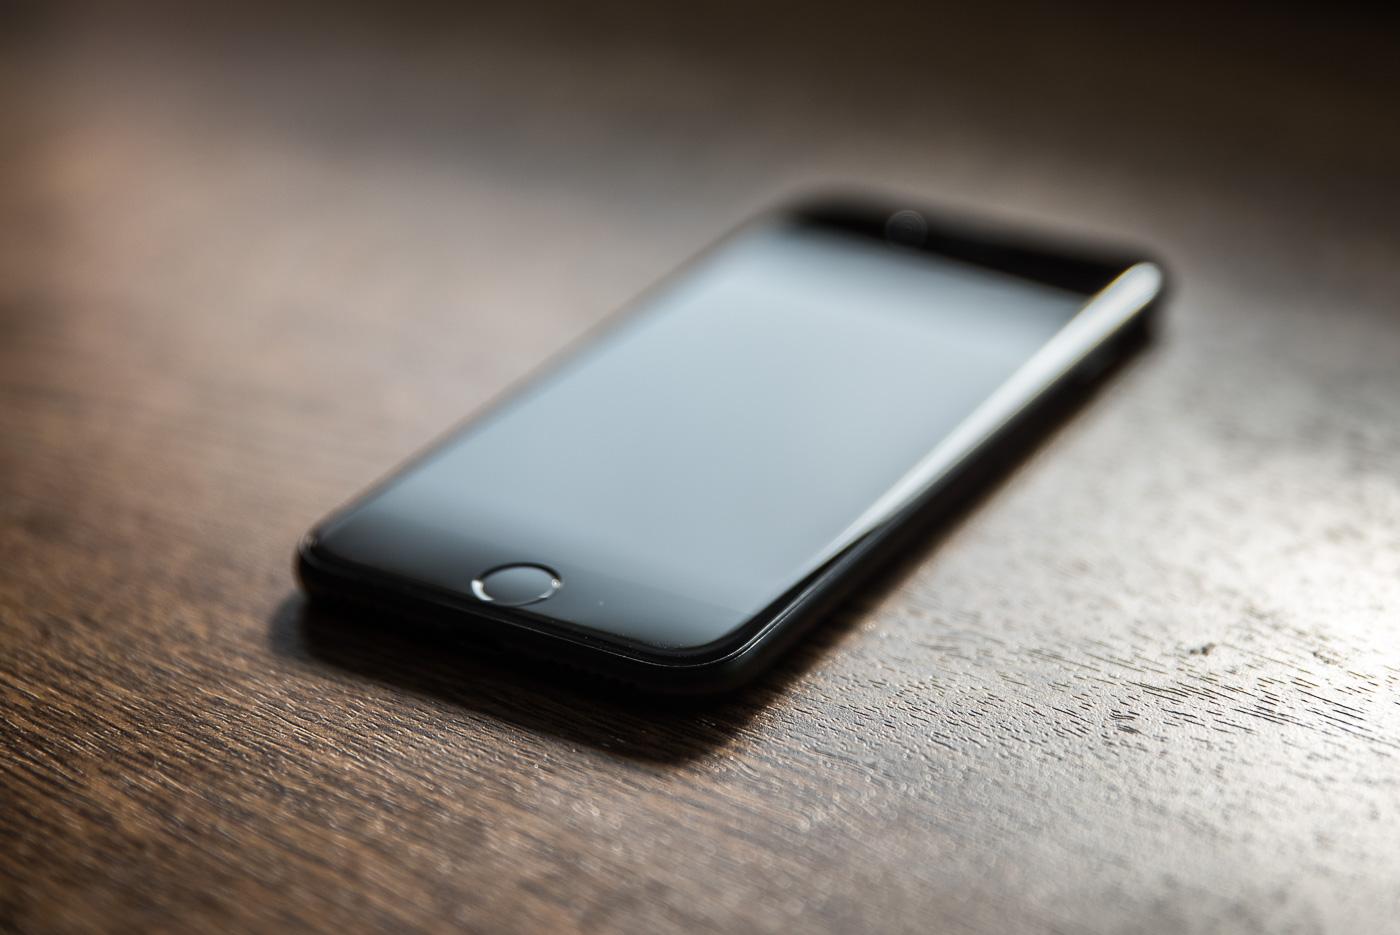 Czytnik linii papilarnych w iPhonie 8 może być z tyłu – hit czy kit? [DEBATA]